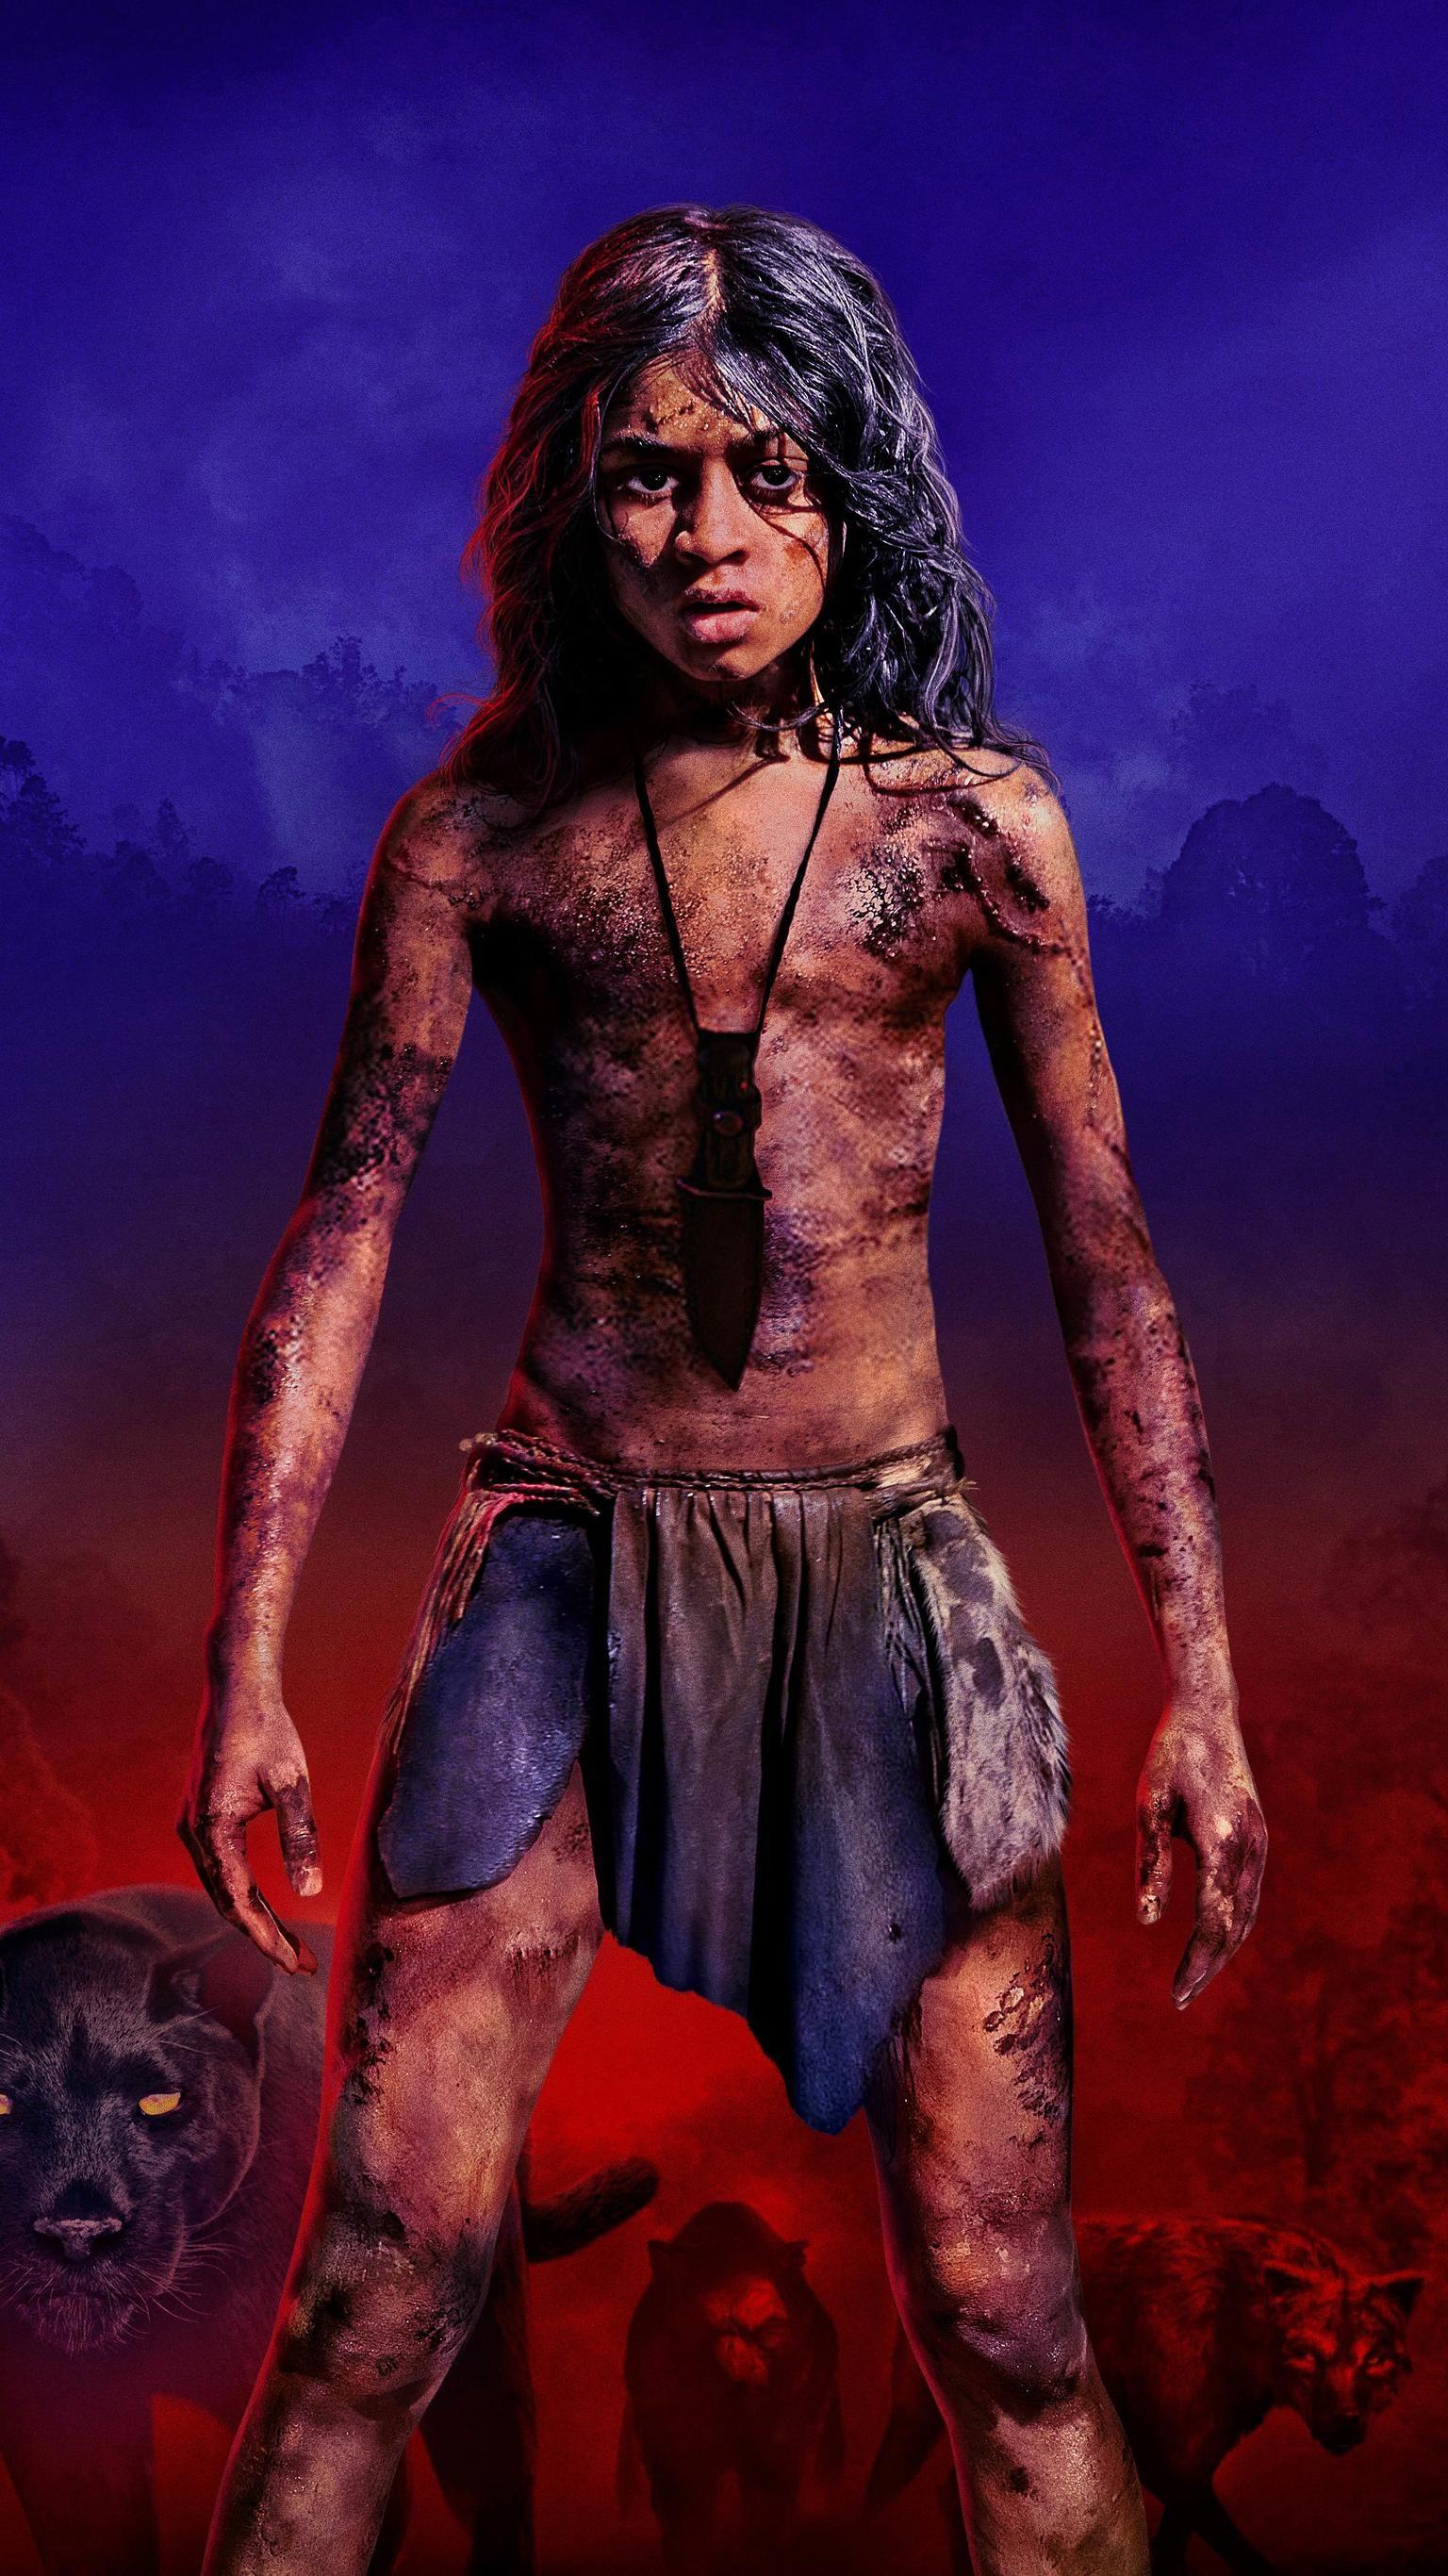 Mowgli Legend of the Jungle 2018 Phone Wallpaper in 2019 1536x2732